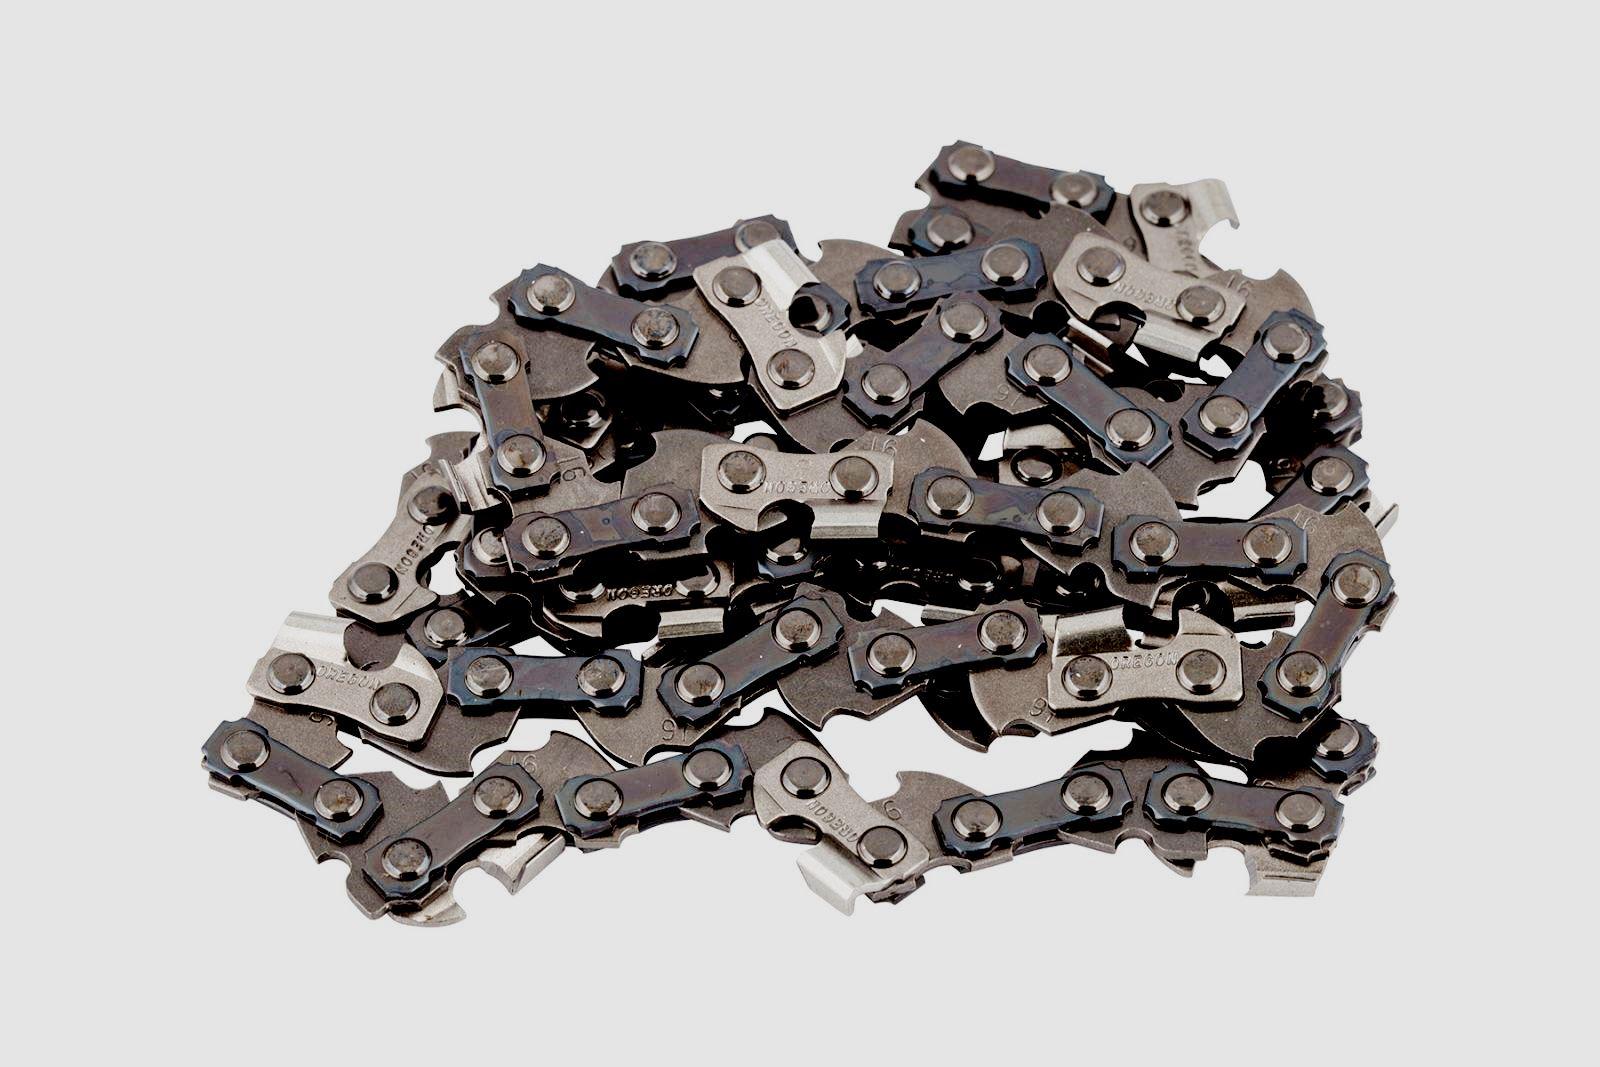 Выбор цепей по металлу для бензопилы и их маркировка